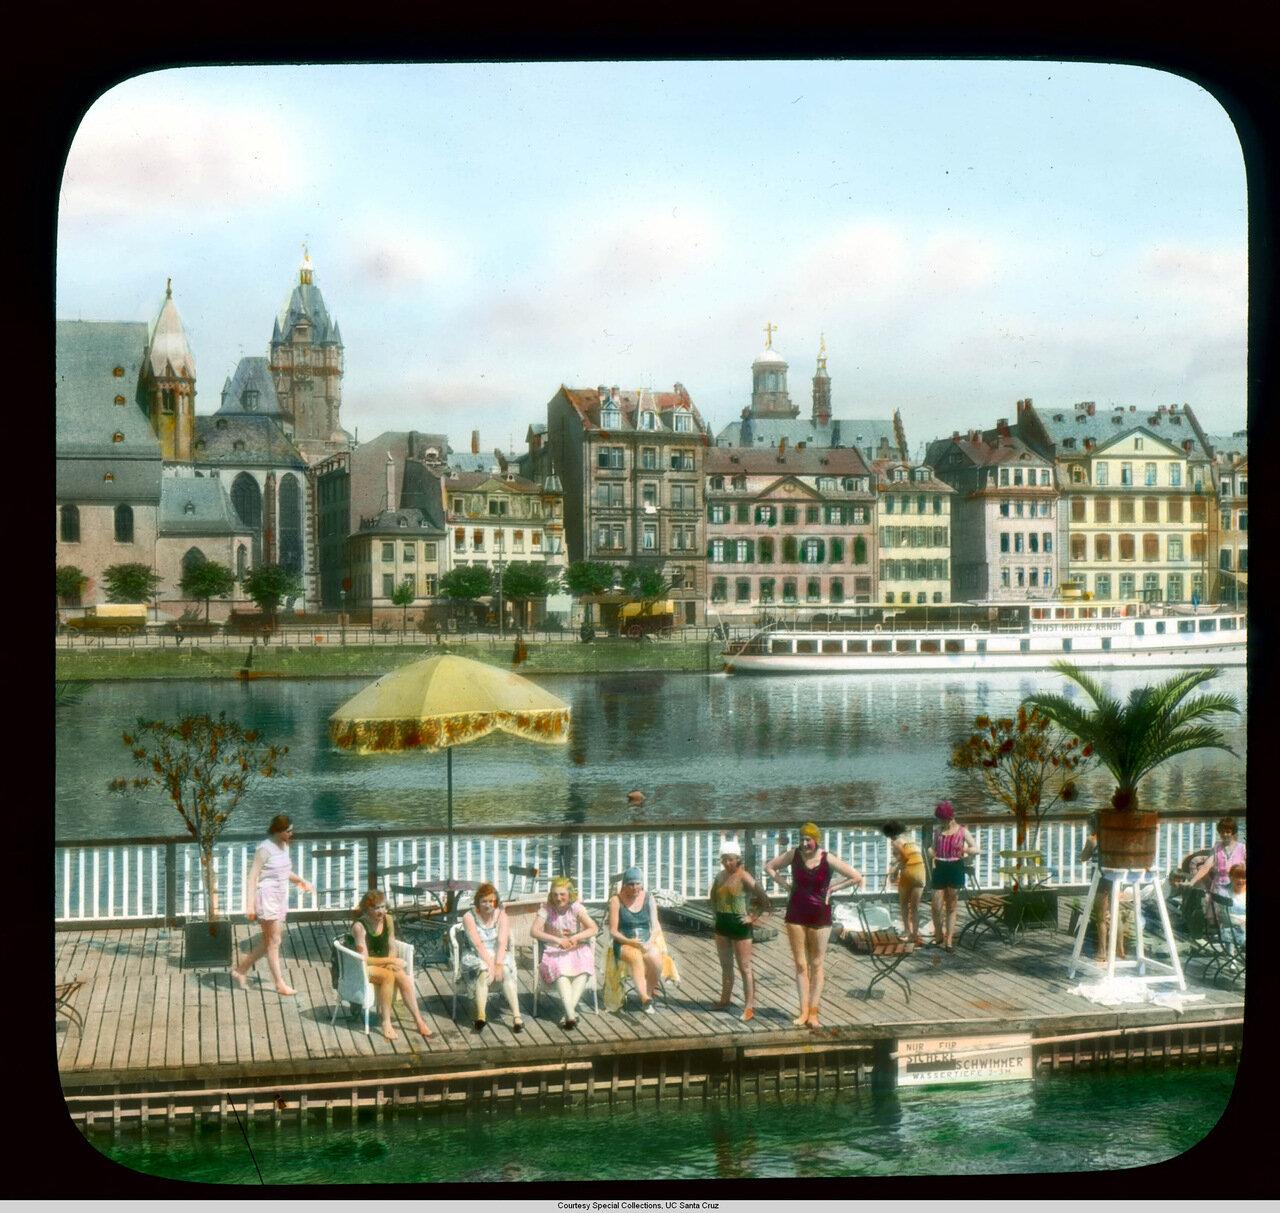 Франкфурт-на-Майне. Люди плавают и отдыхают в Заксенхаузене